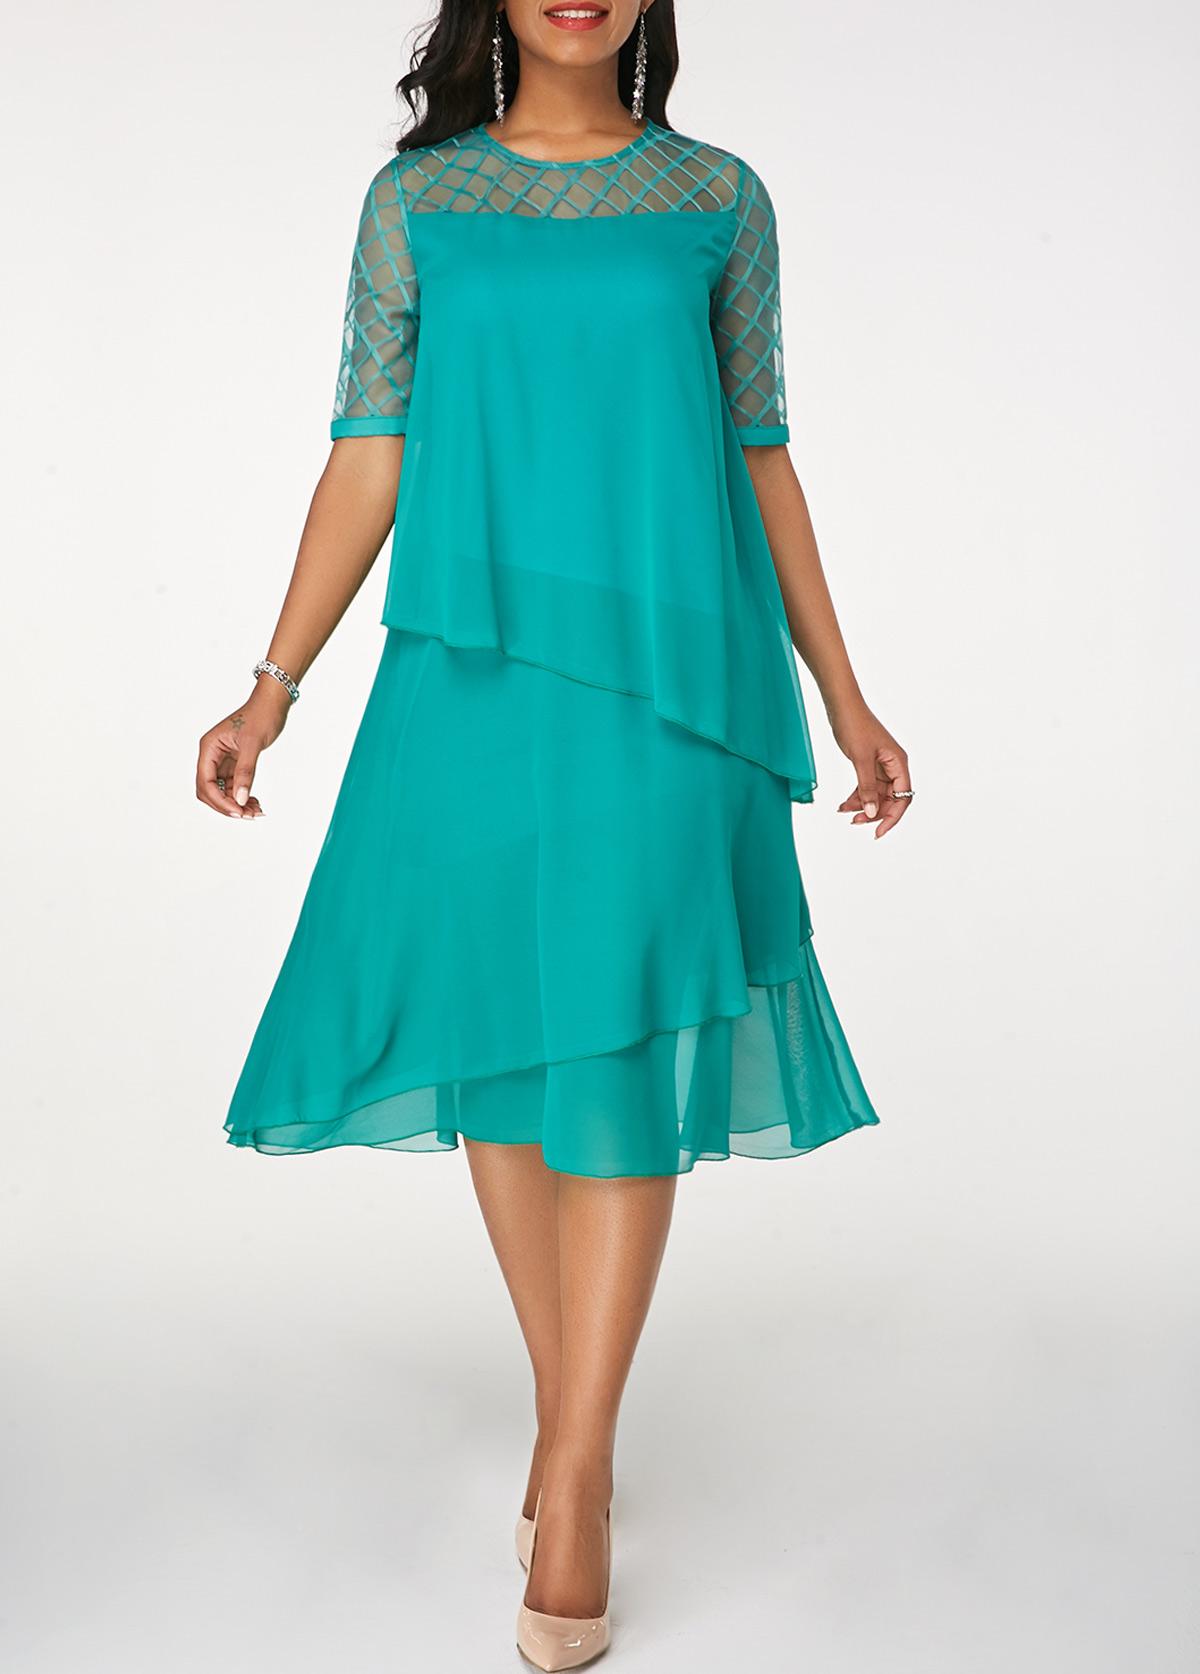 Round Neck Half Sleeve Layered Chiffon Dress